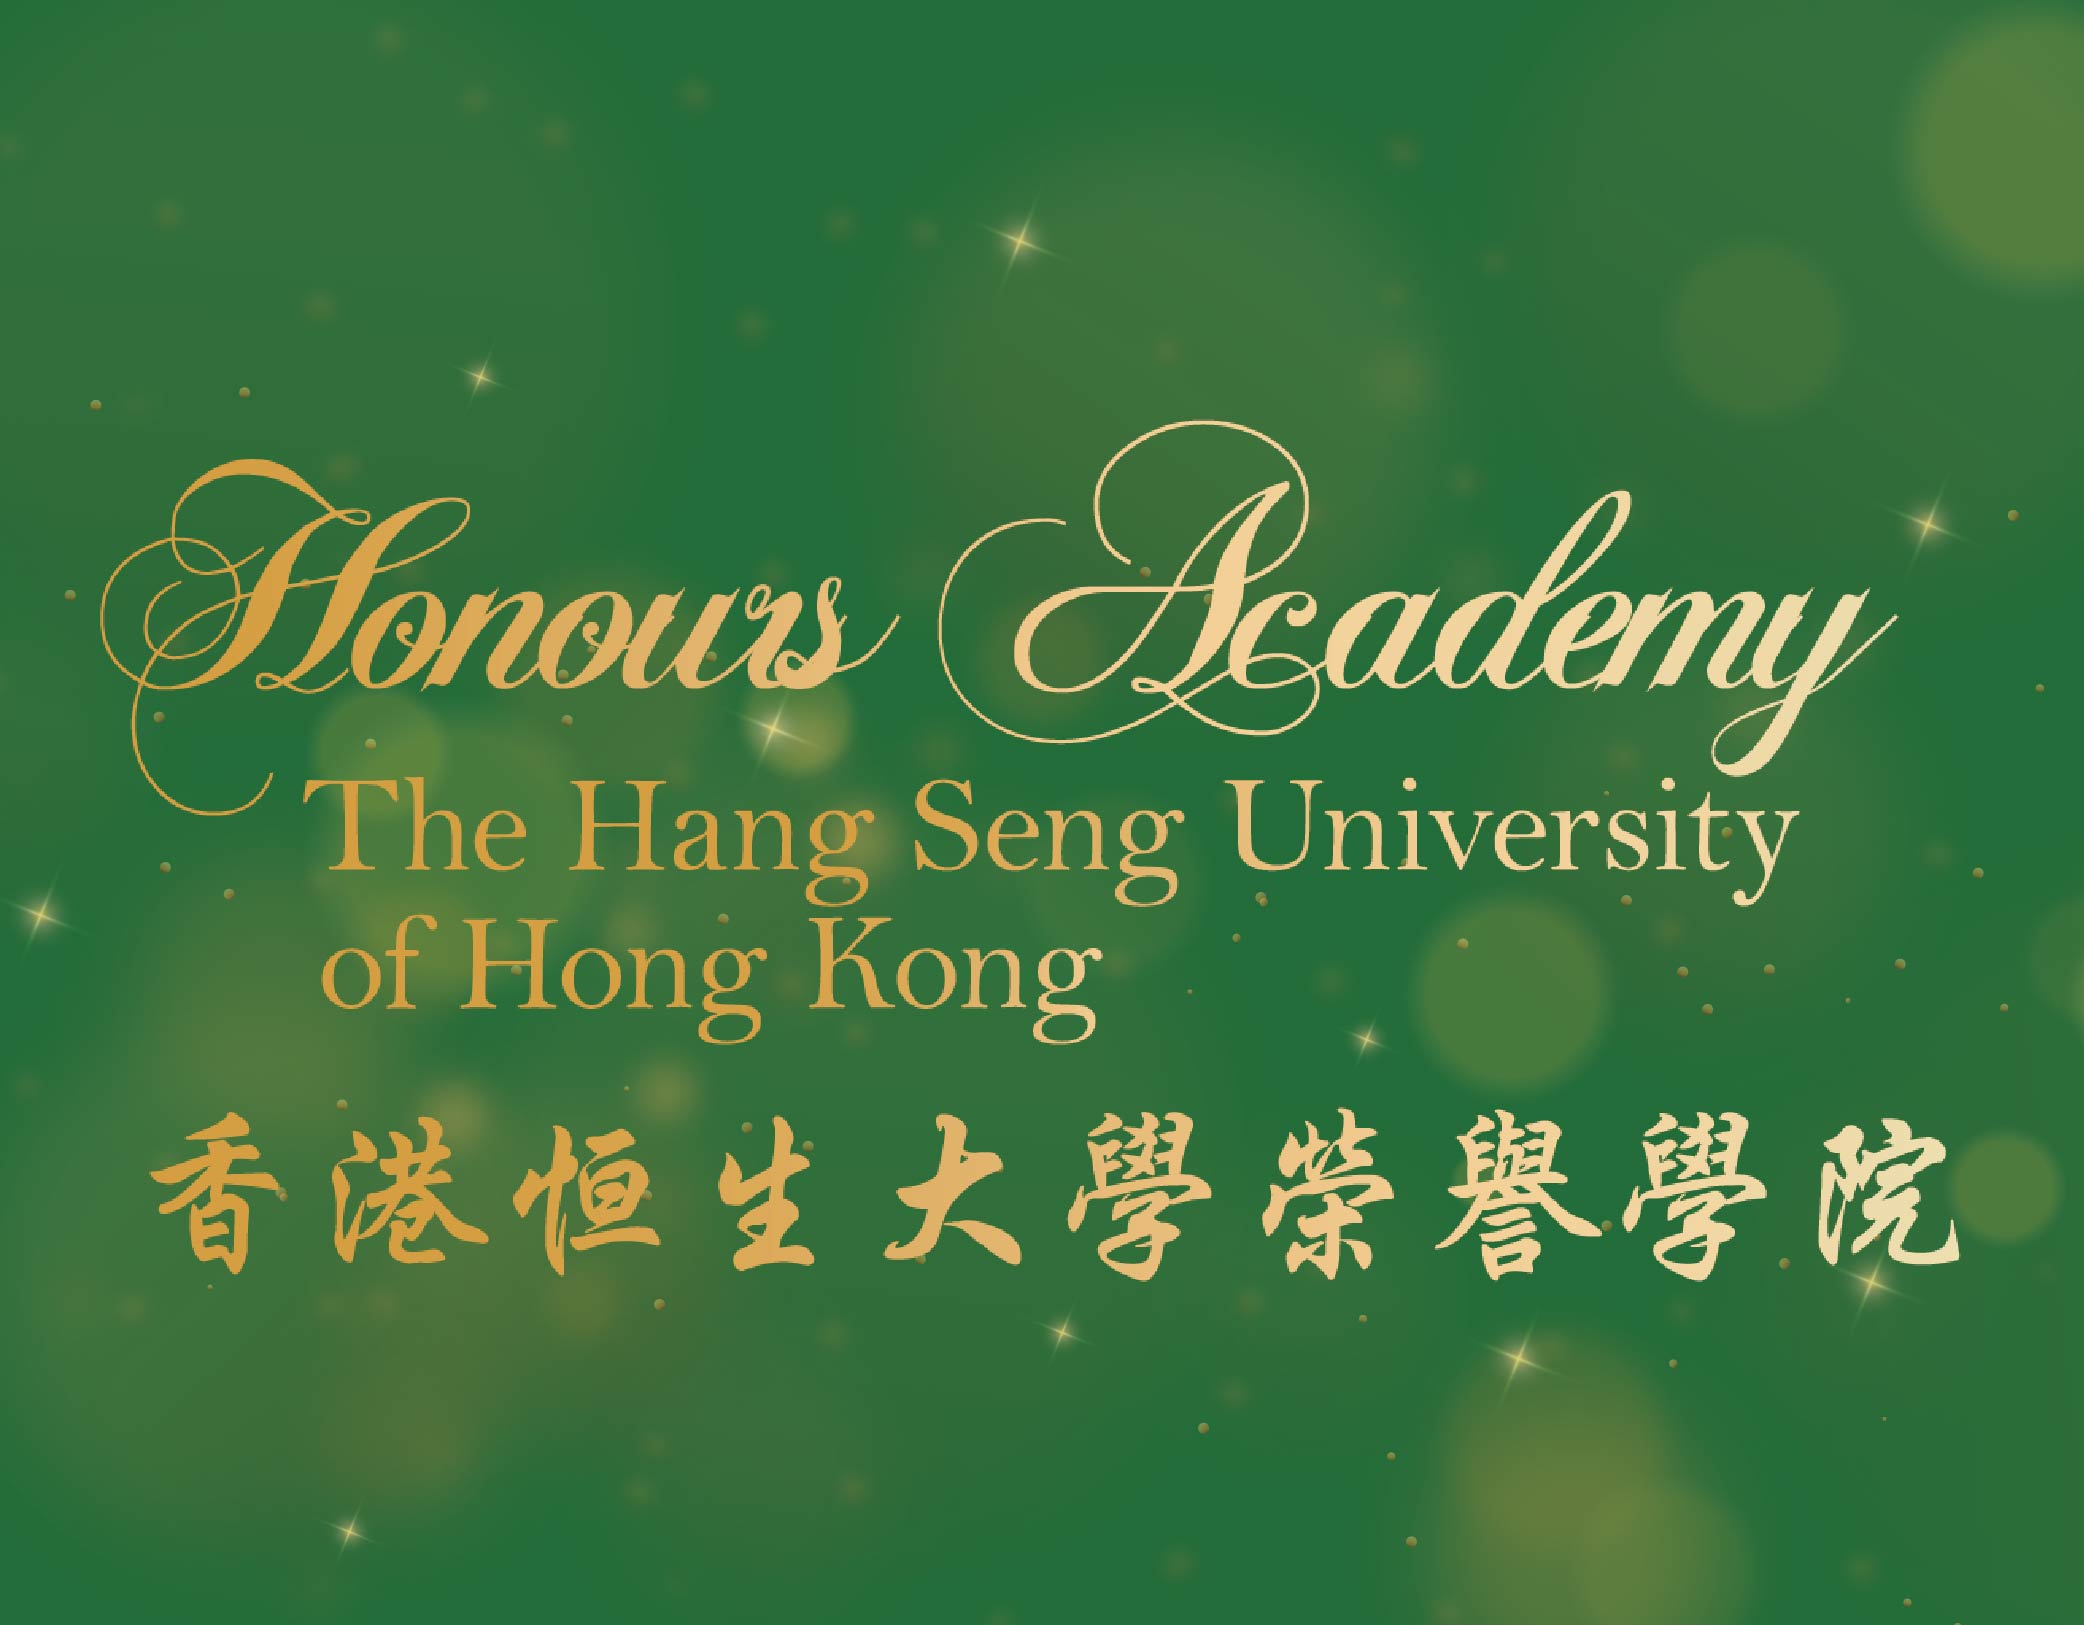 Honours Academy of the Hang Seng University of Hong Kong